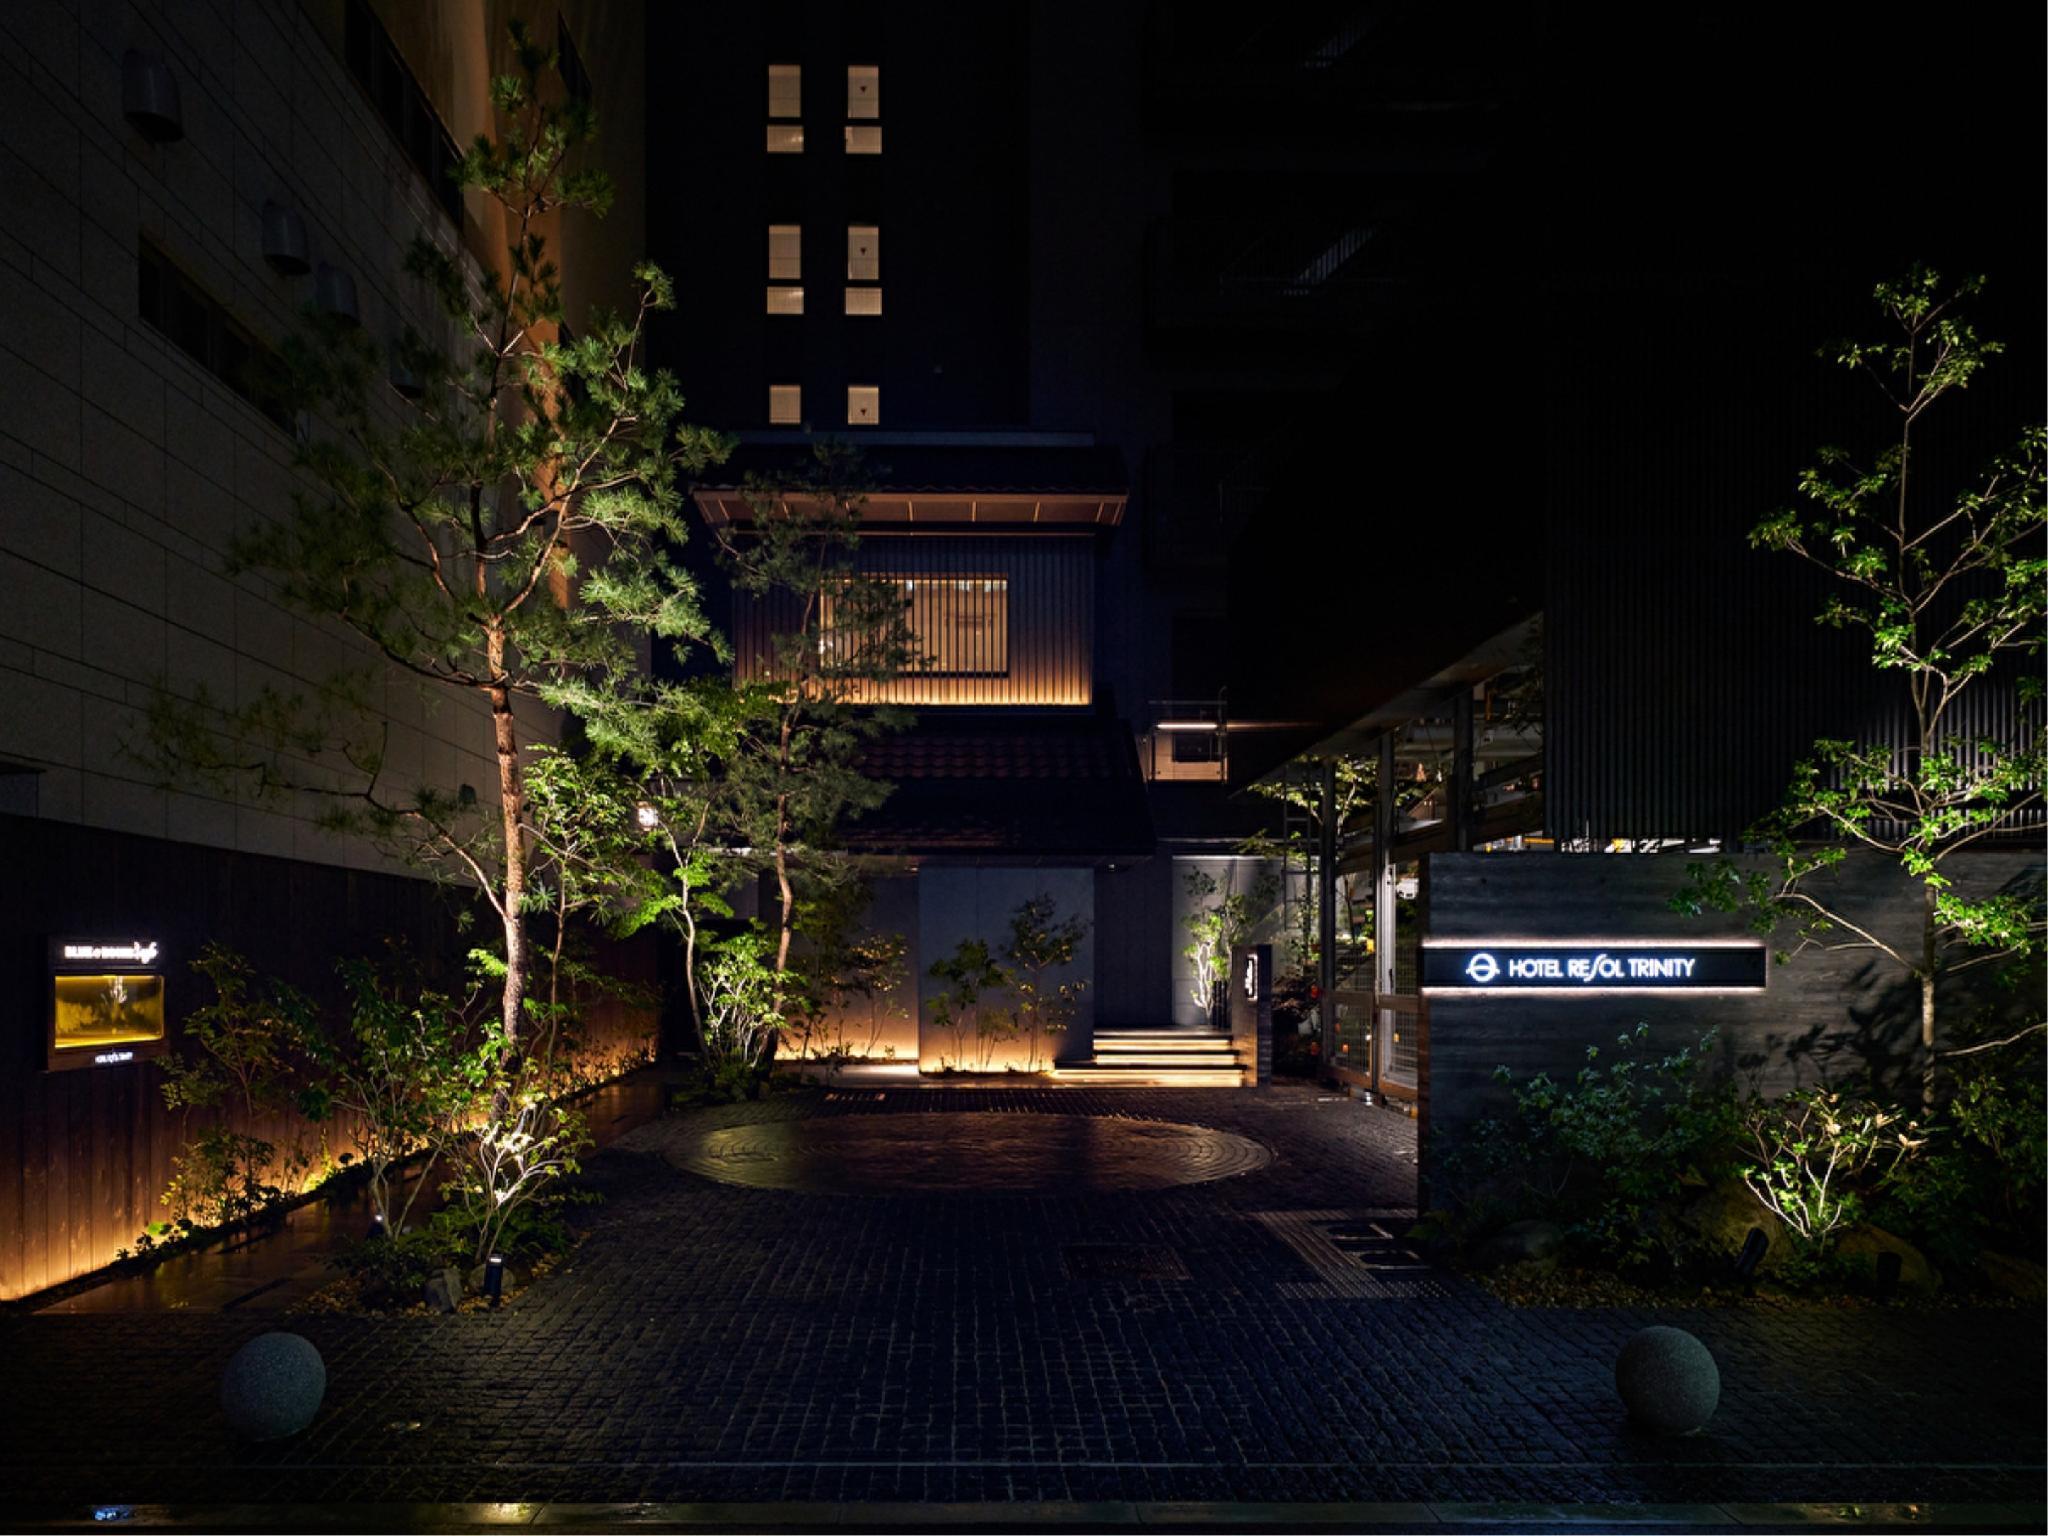 ホテルリソルトリニティ大阪